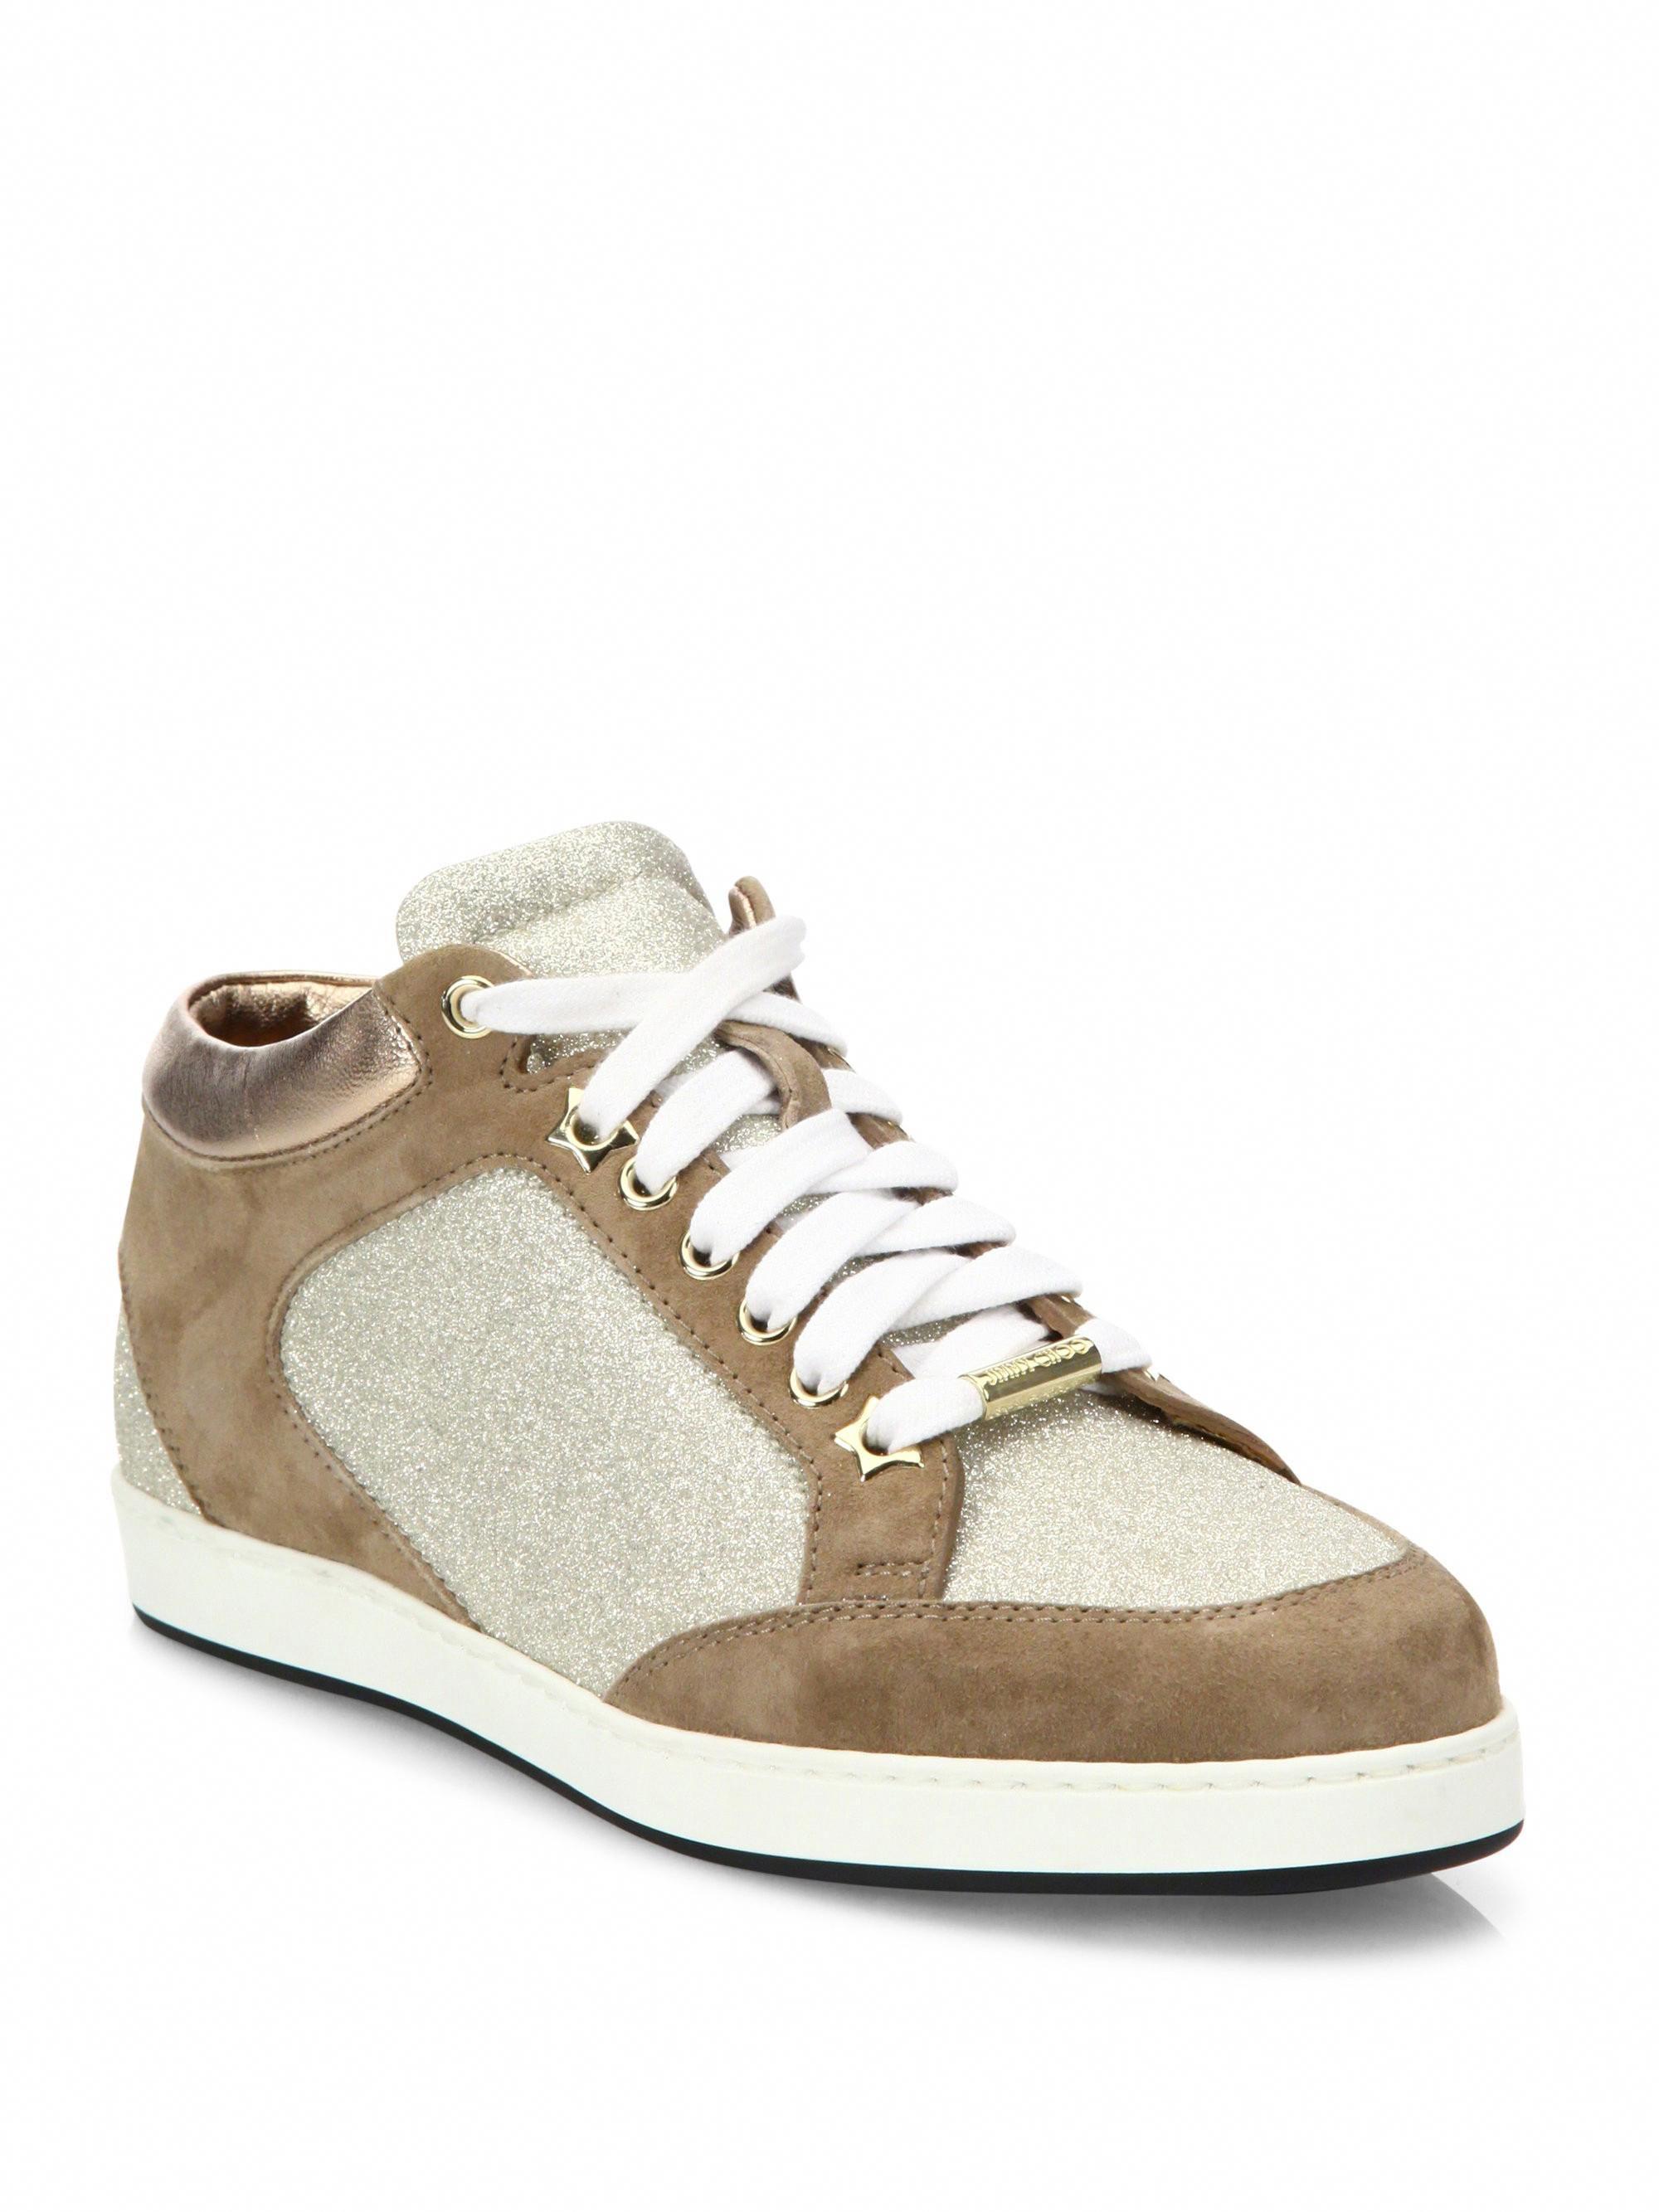 44e55a2da94 Jimmy Choo Miami Suede   Glitter Sneakers - Coco 38.5 (8.5)  JimmyChoo